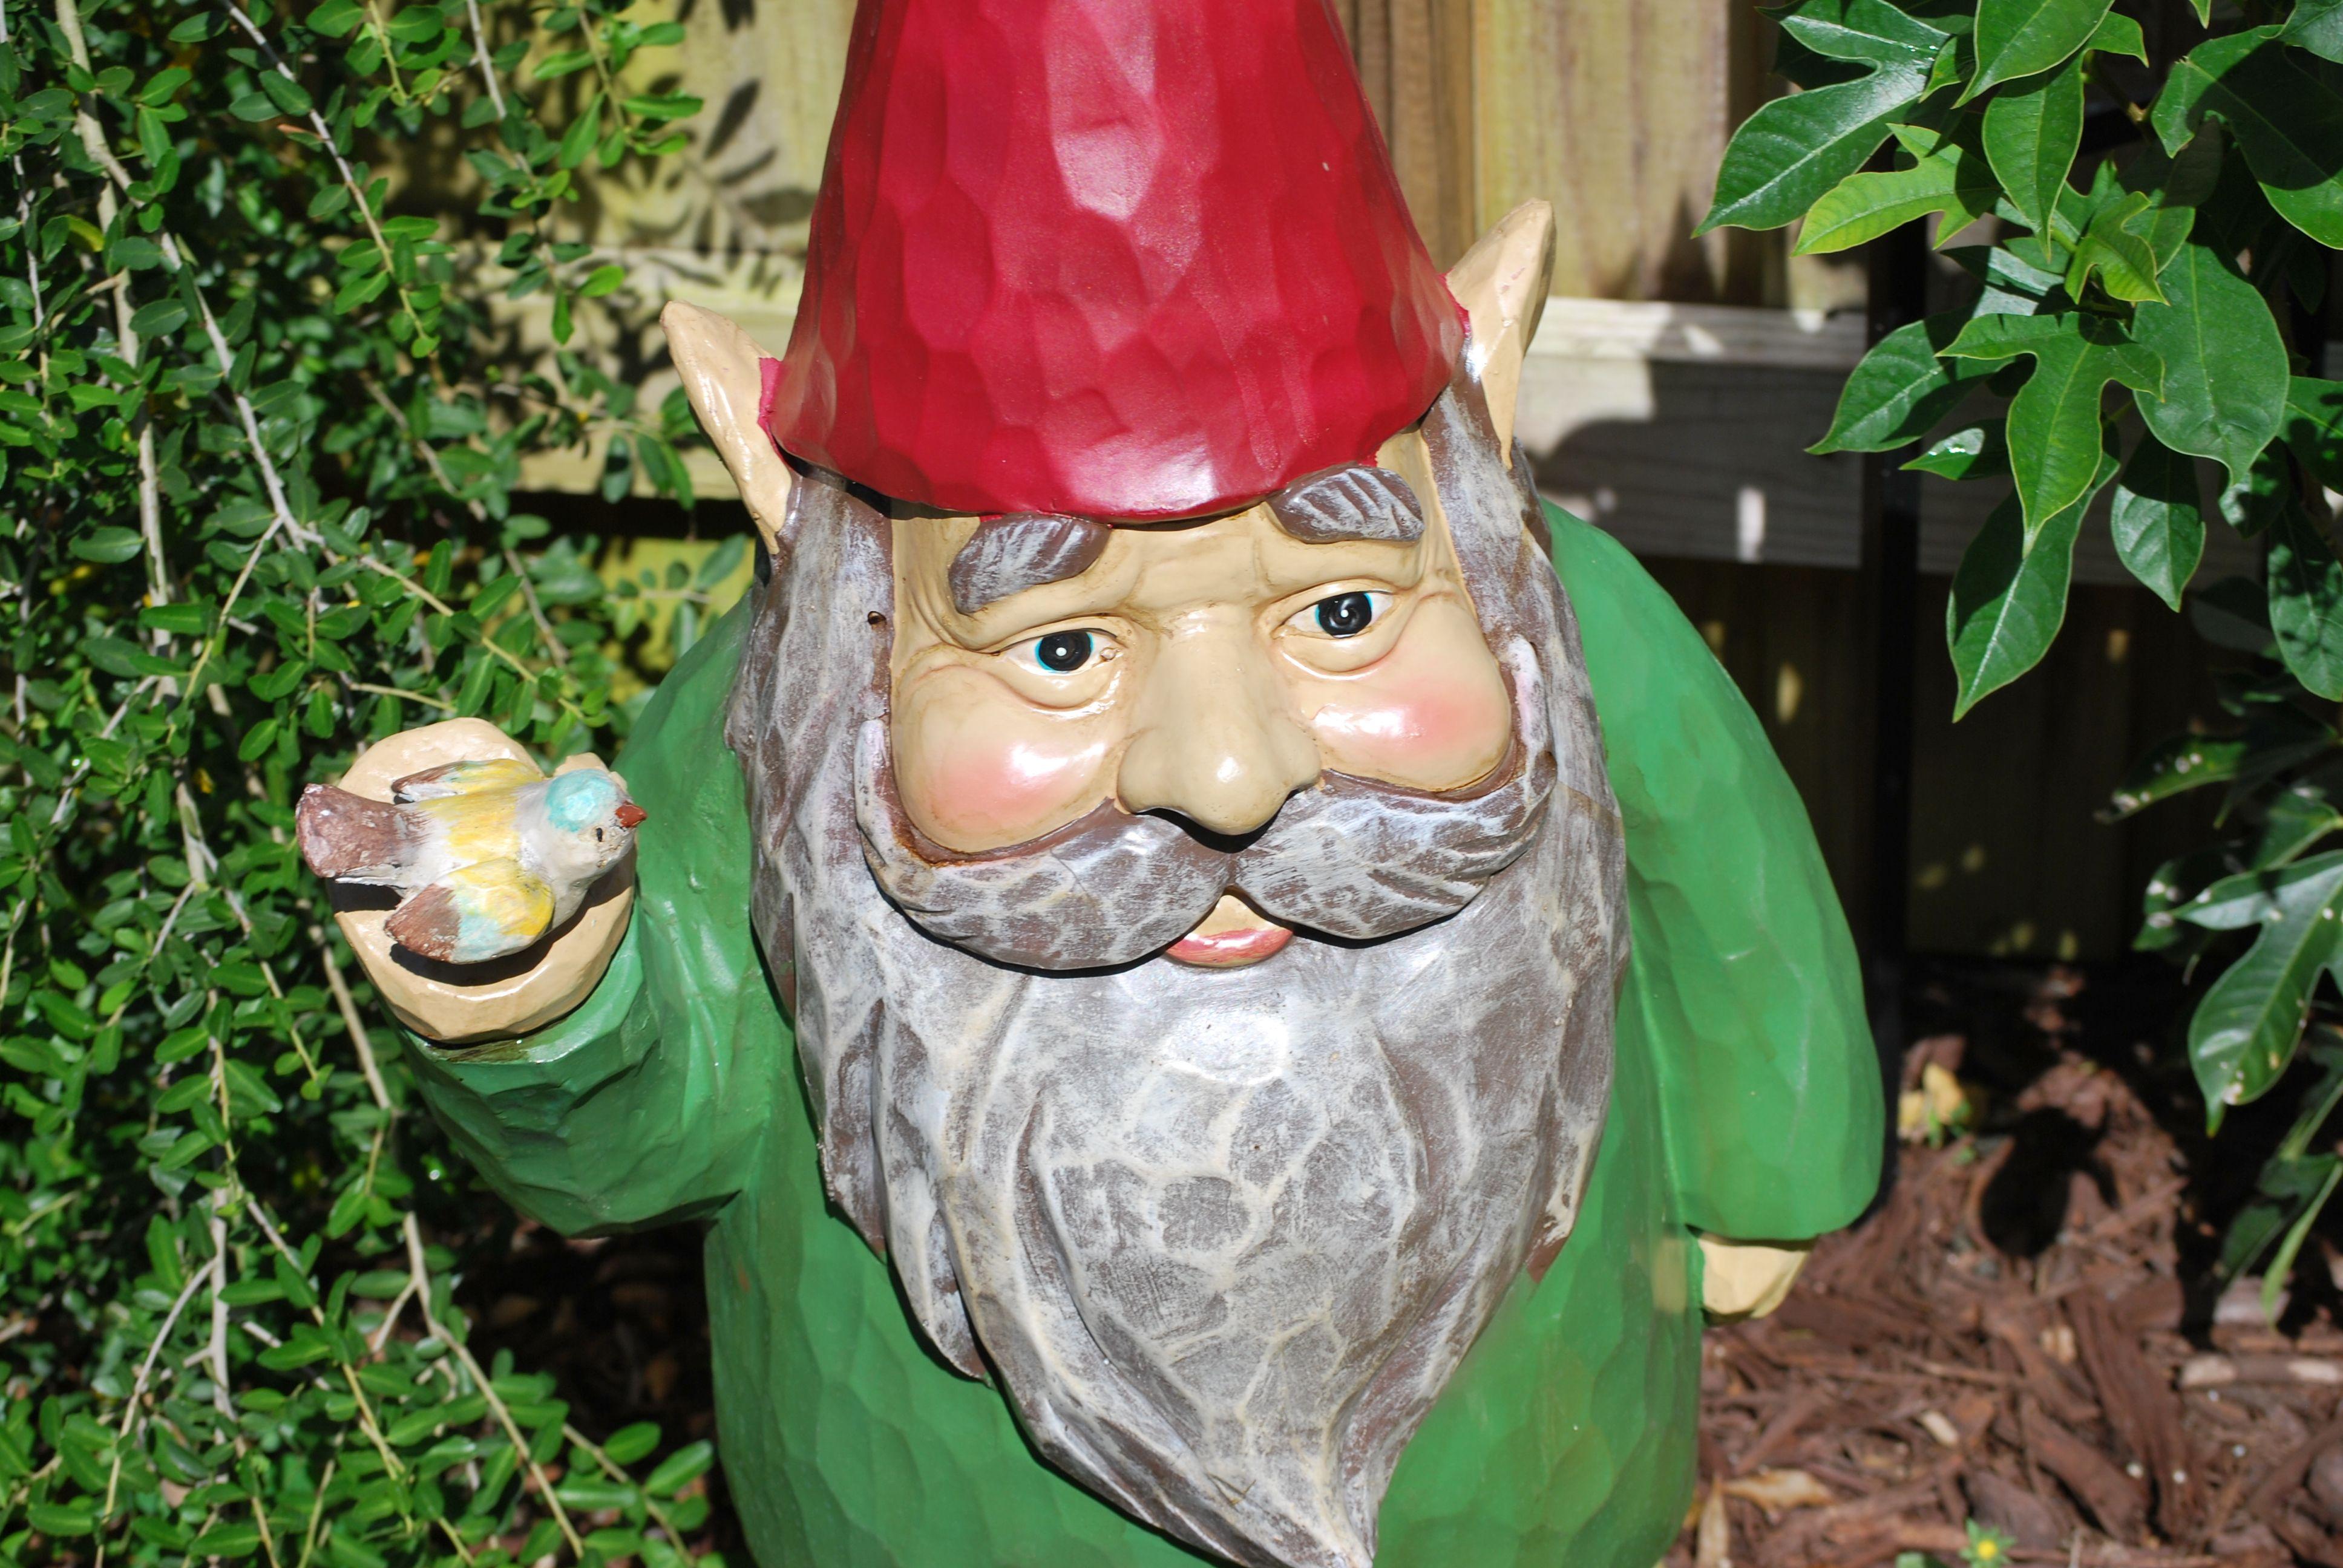 Superb Our Giant Garden Gnome